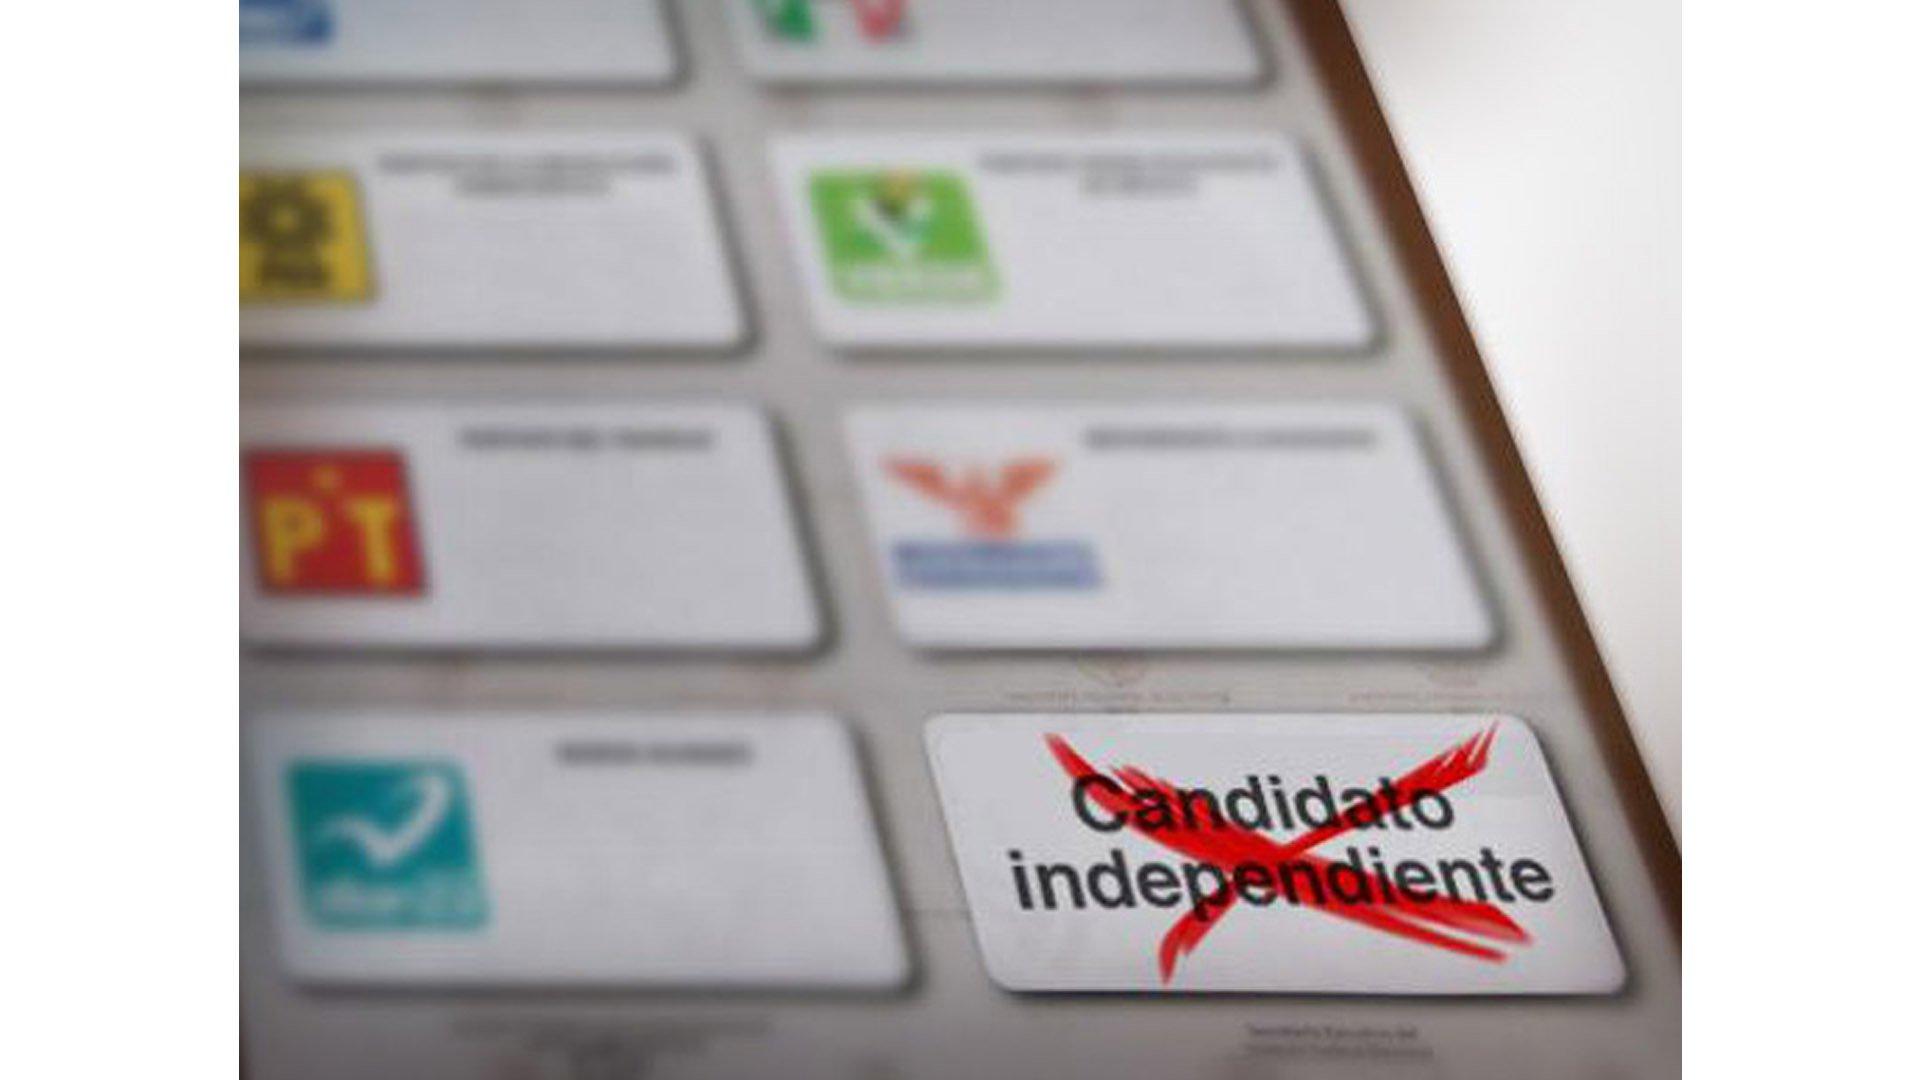 Batea Sala Electoral a los independientes